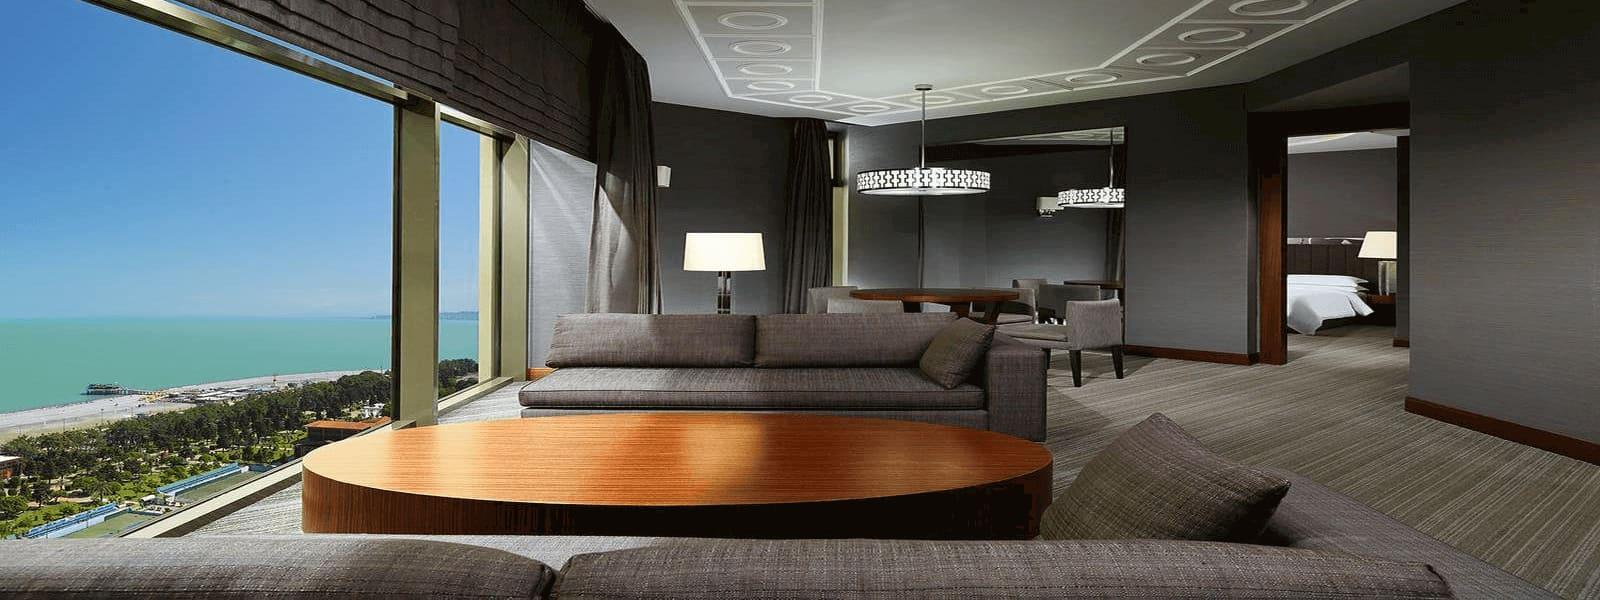 სასტუმრო შერატონ ბათუმი